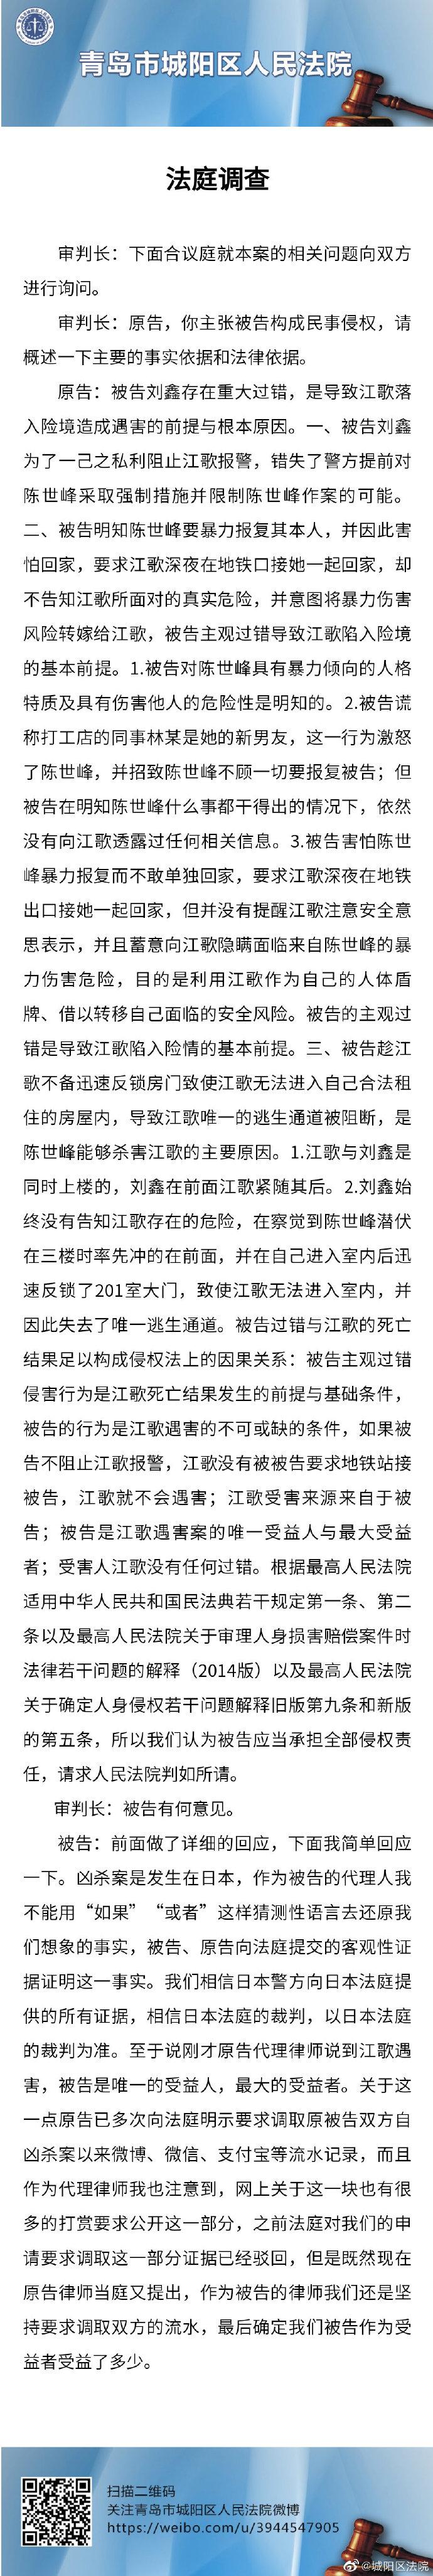 """直击江歌母亲诉刘鑫案:被告方主张""""不承担任何责任"""""""